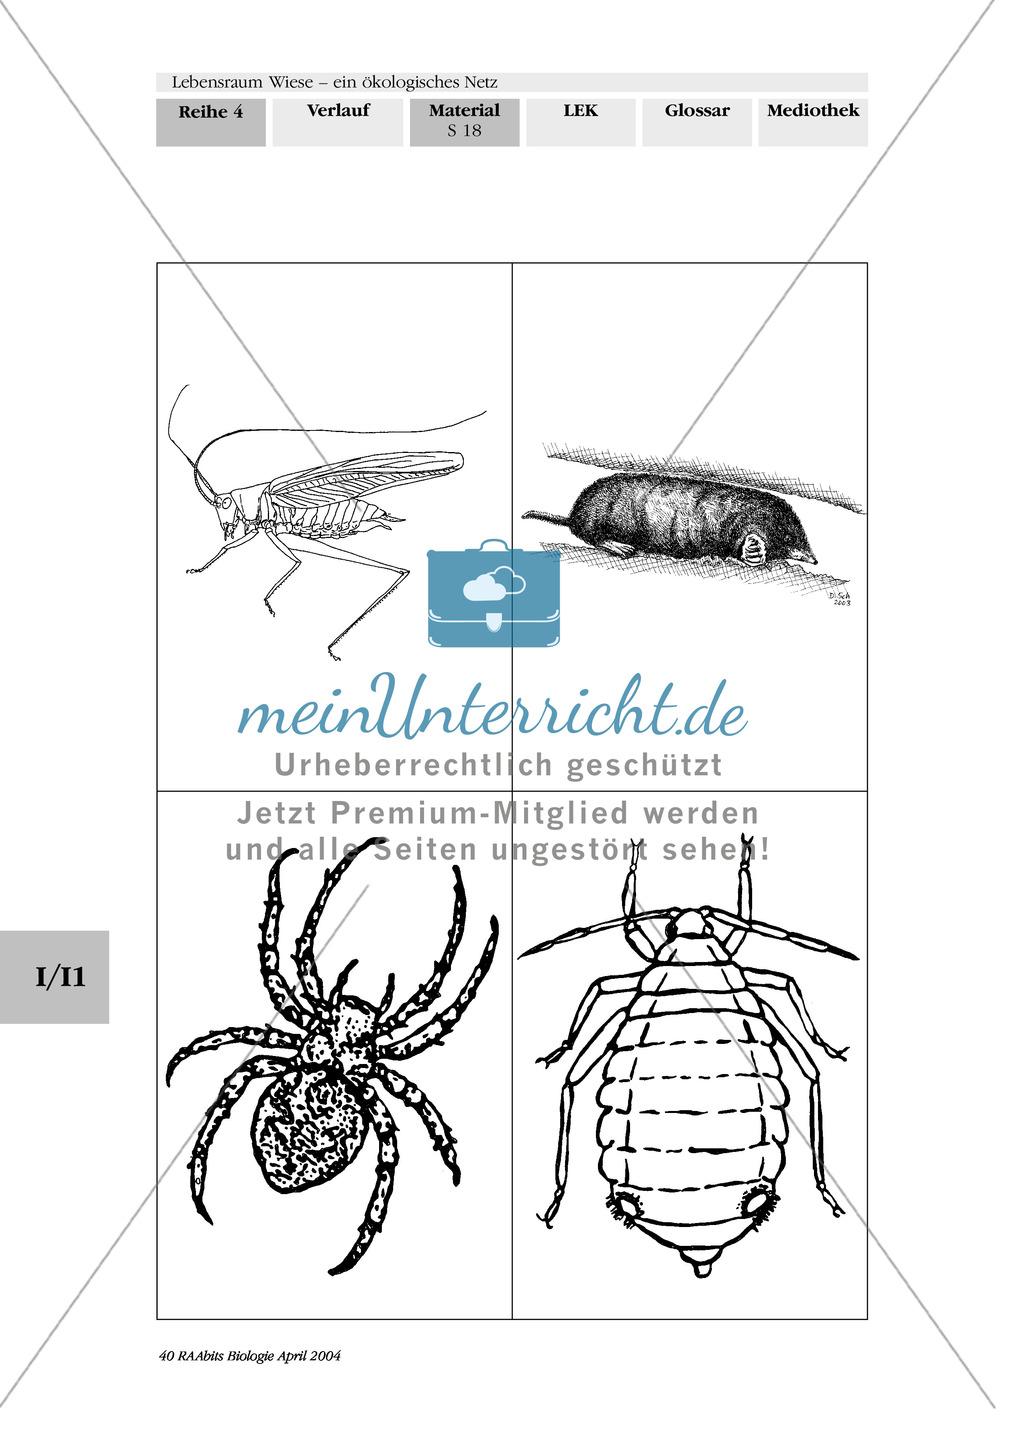 Lebensraum Wiese: Das ökologische Netz einer Wiese - Text- und Bildkarten Preview 14